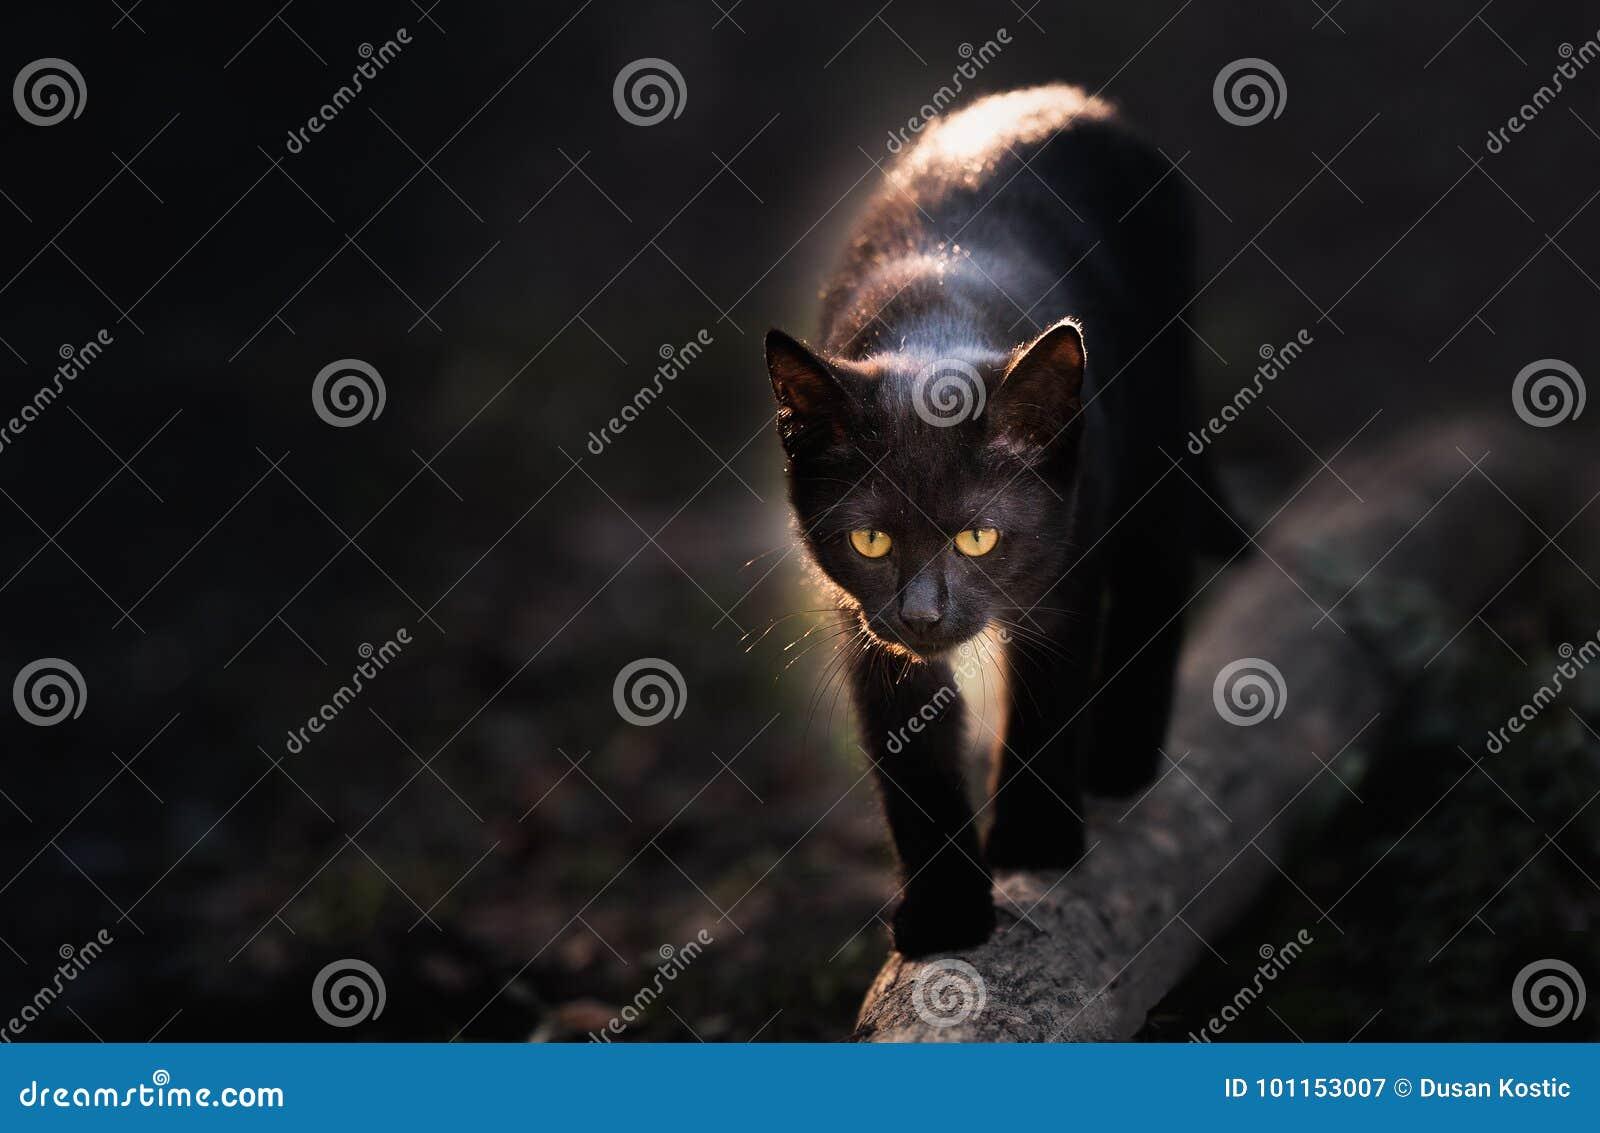 Mooie zwarte kat die onderaan de straat lopen